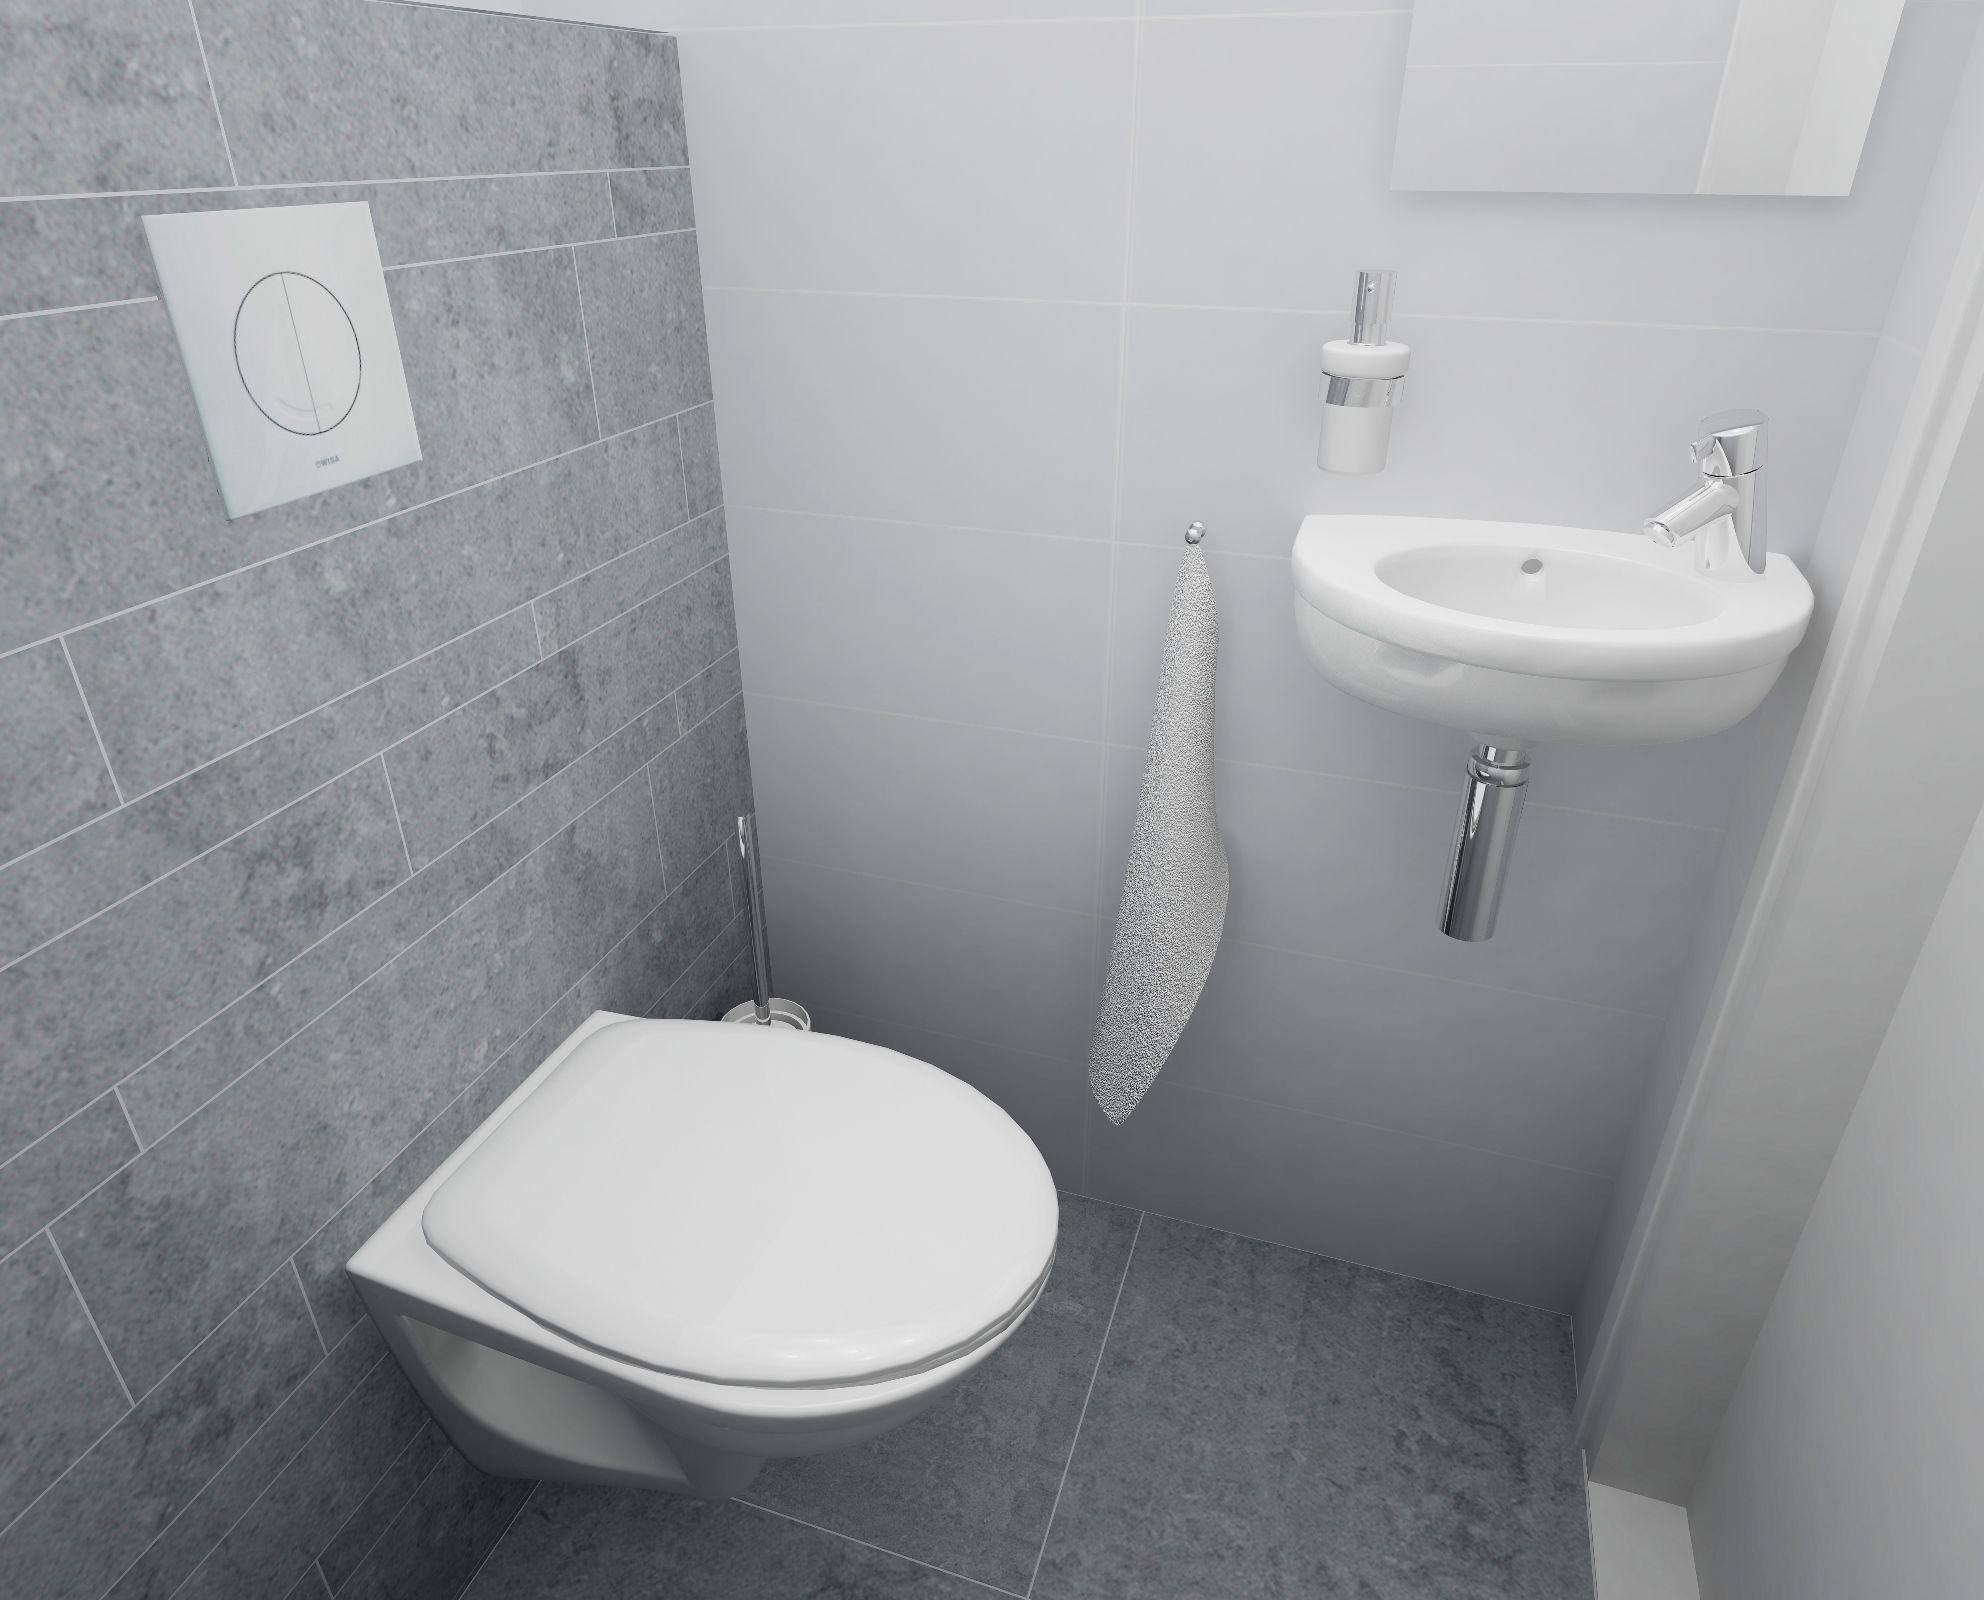 Toilet met accessoires 221930 u003e wibma.com = ontwerp inspiratie voor